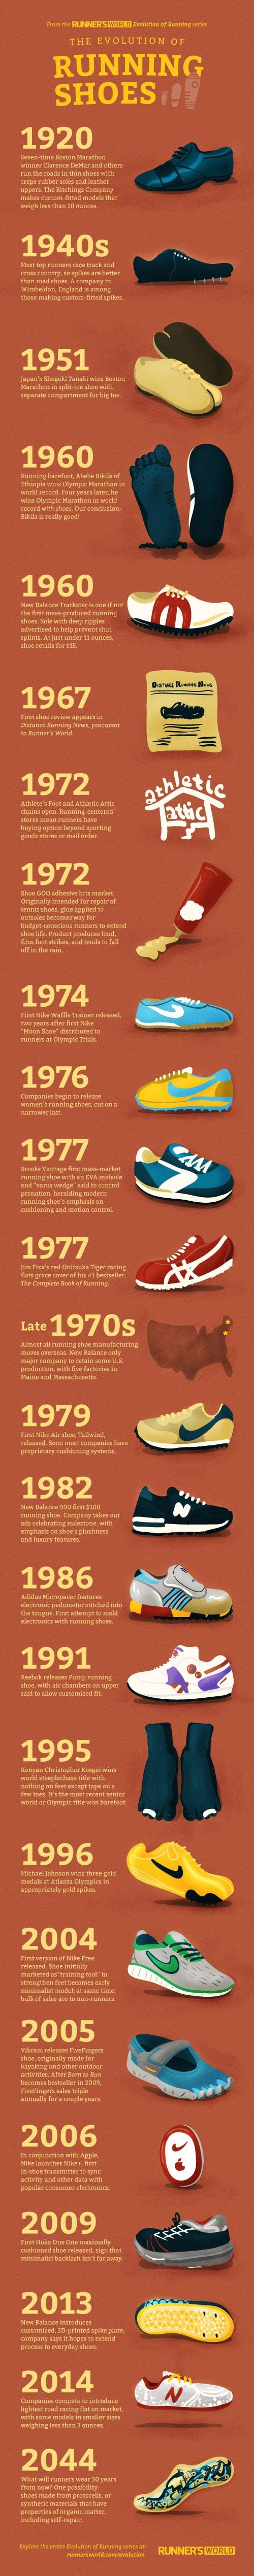 historia de las zapatillas para correr